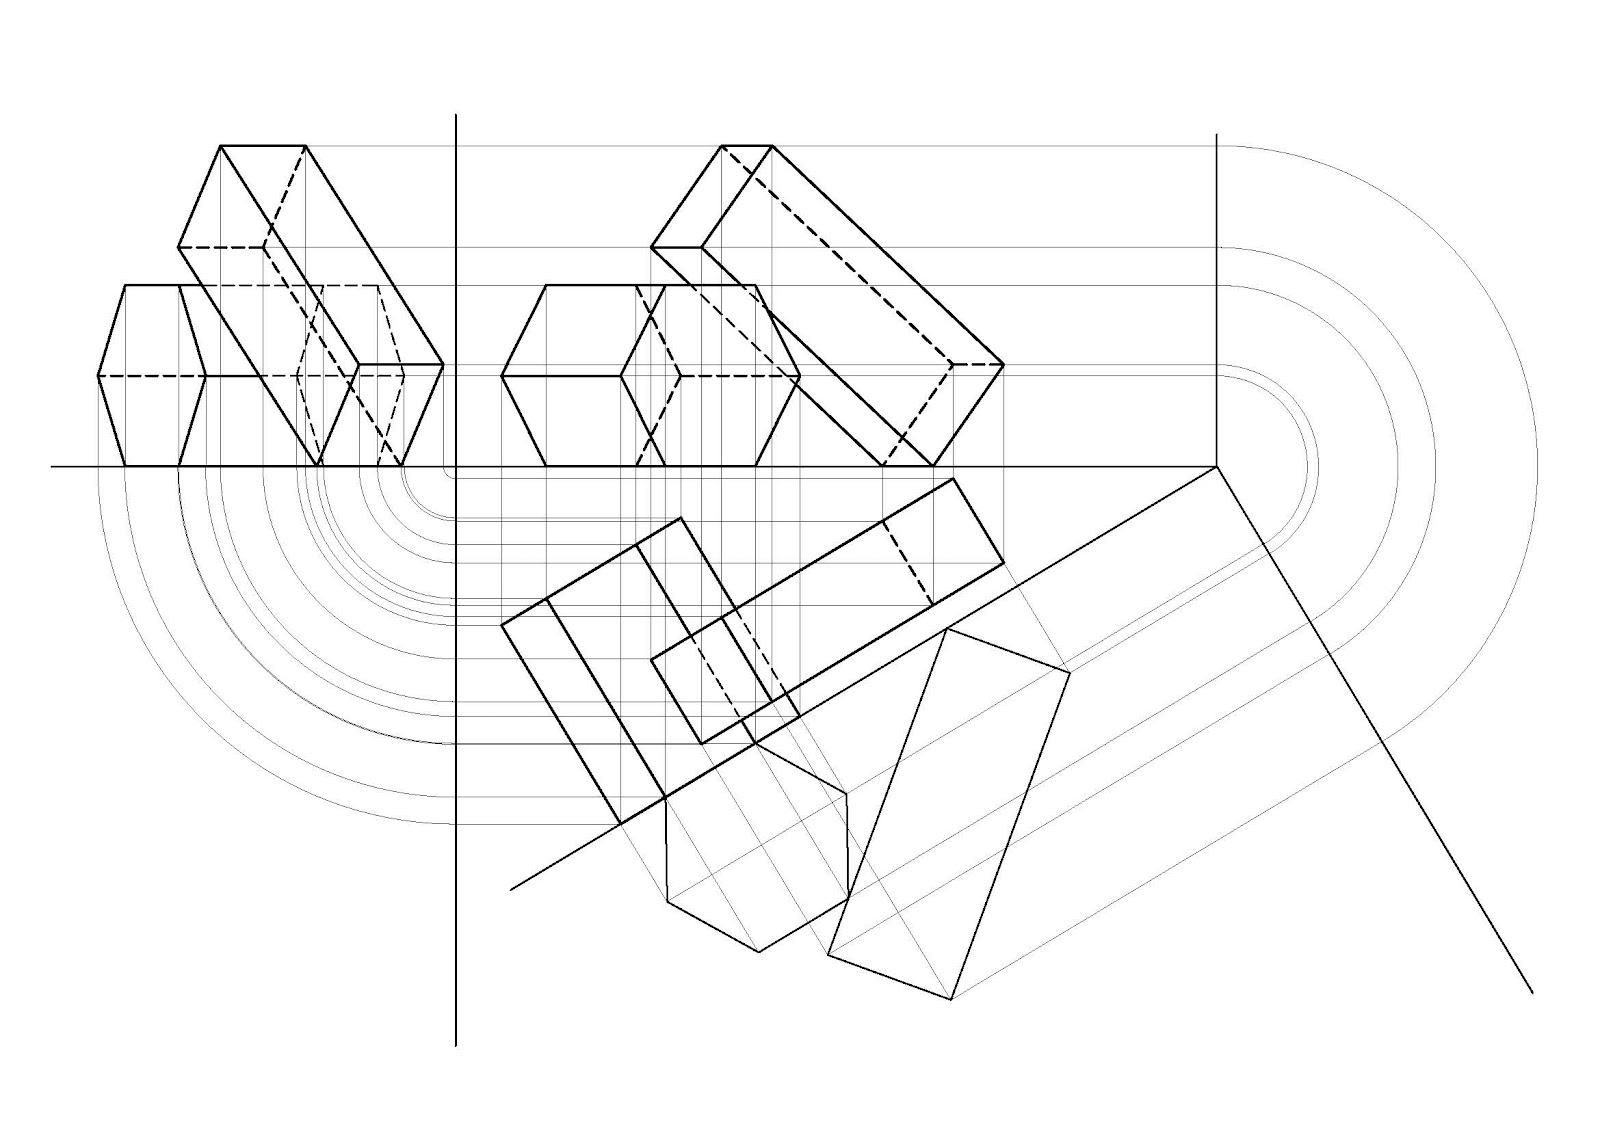 falconports diagrama de cableado de la de la